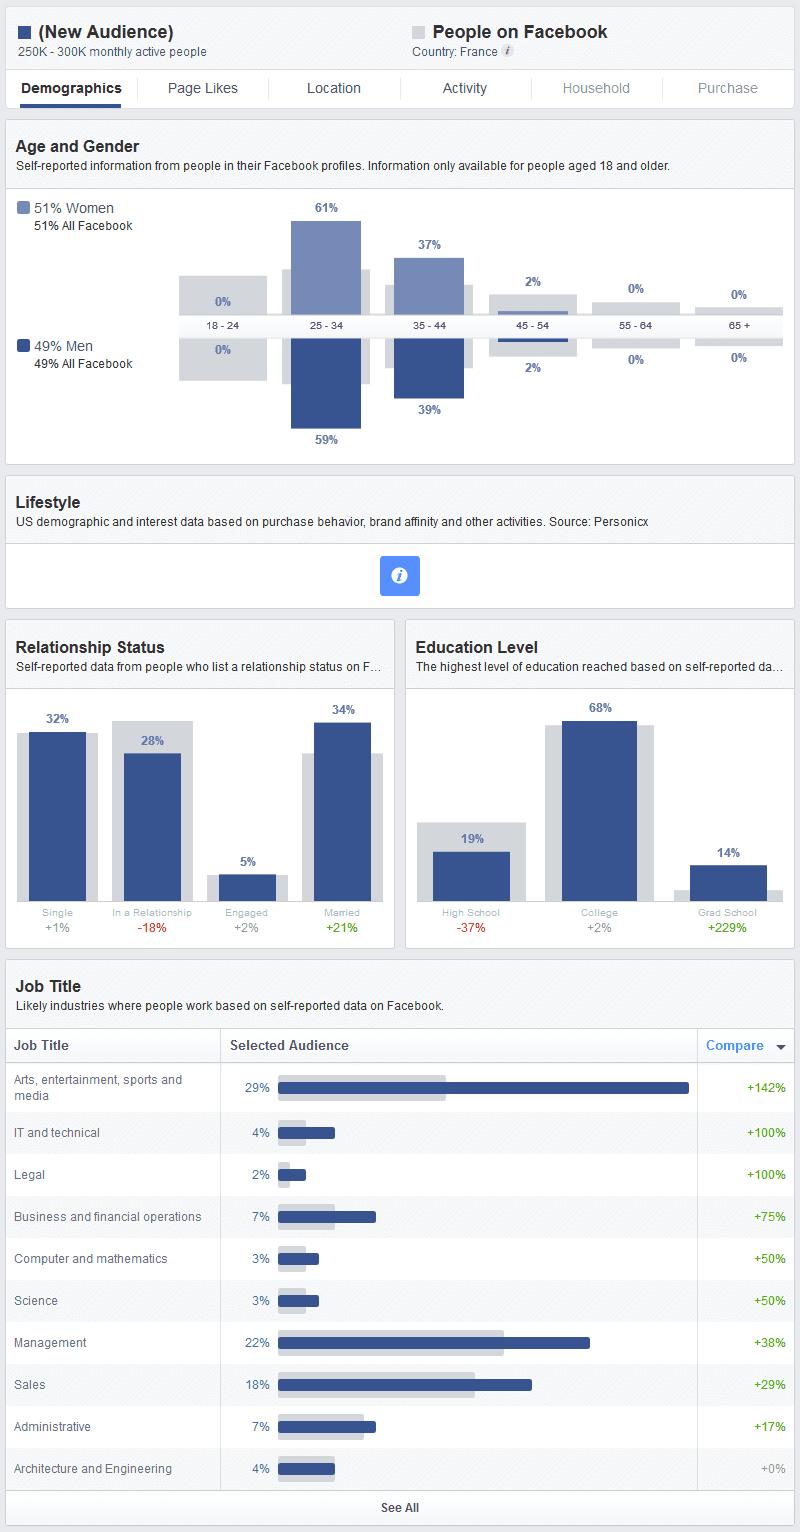 etude de marche facebook